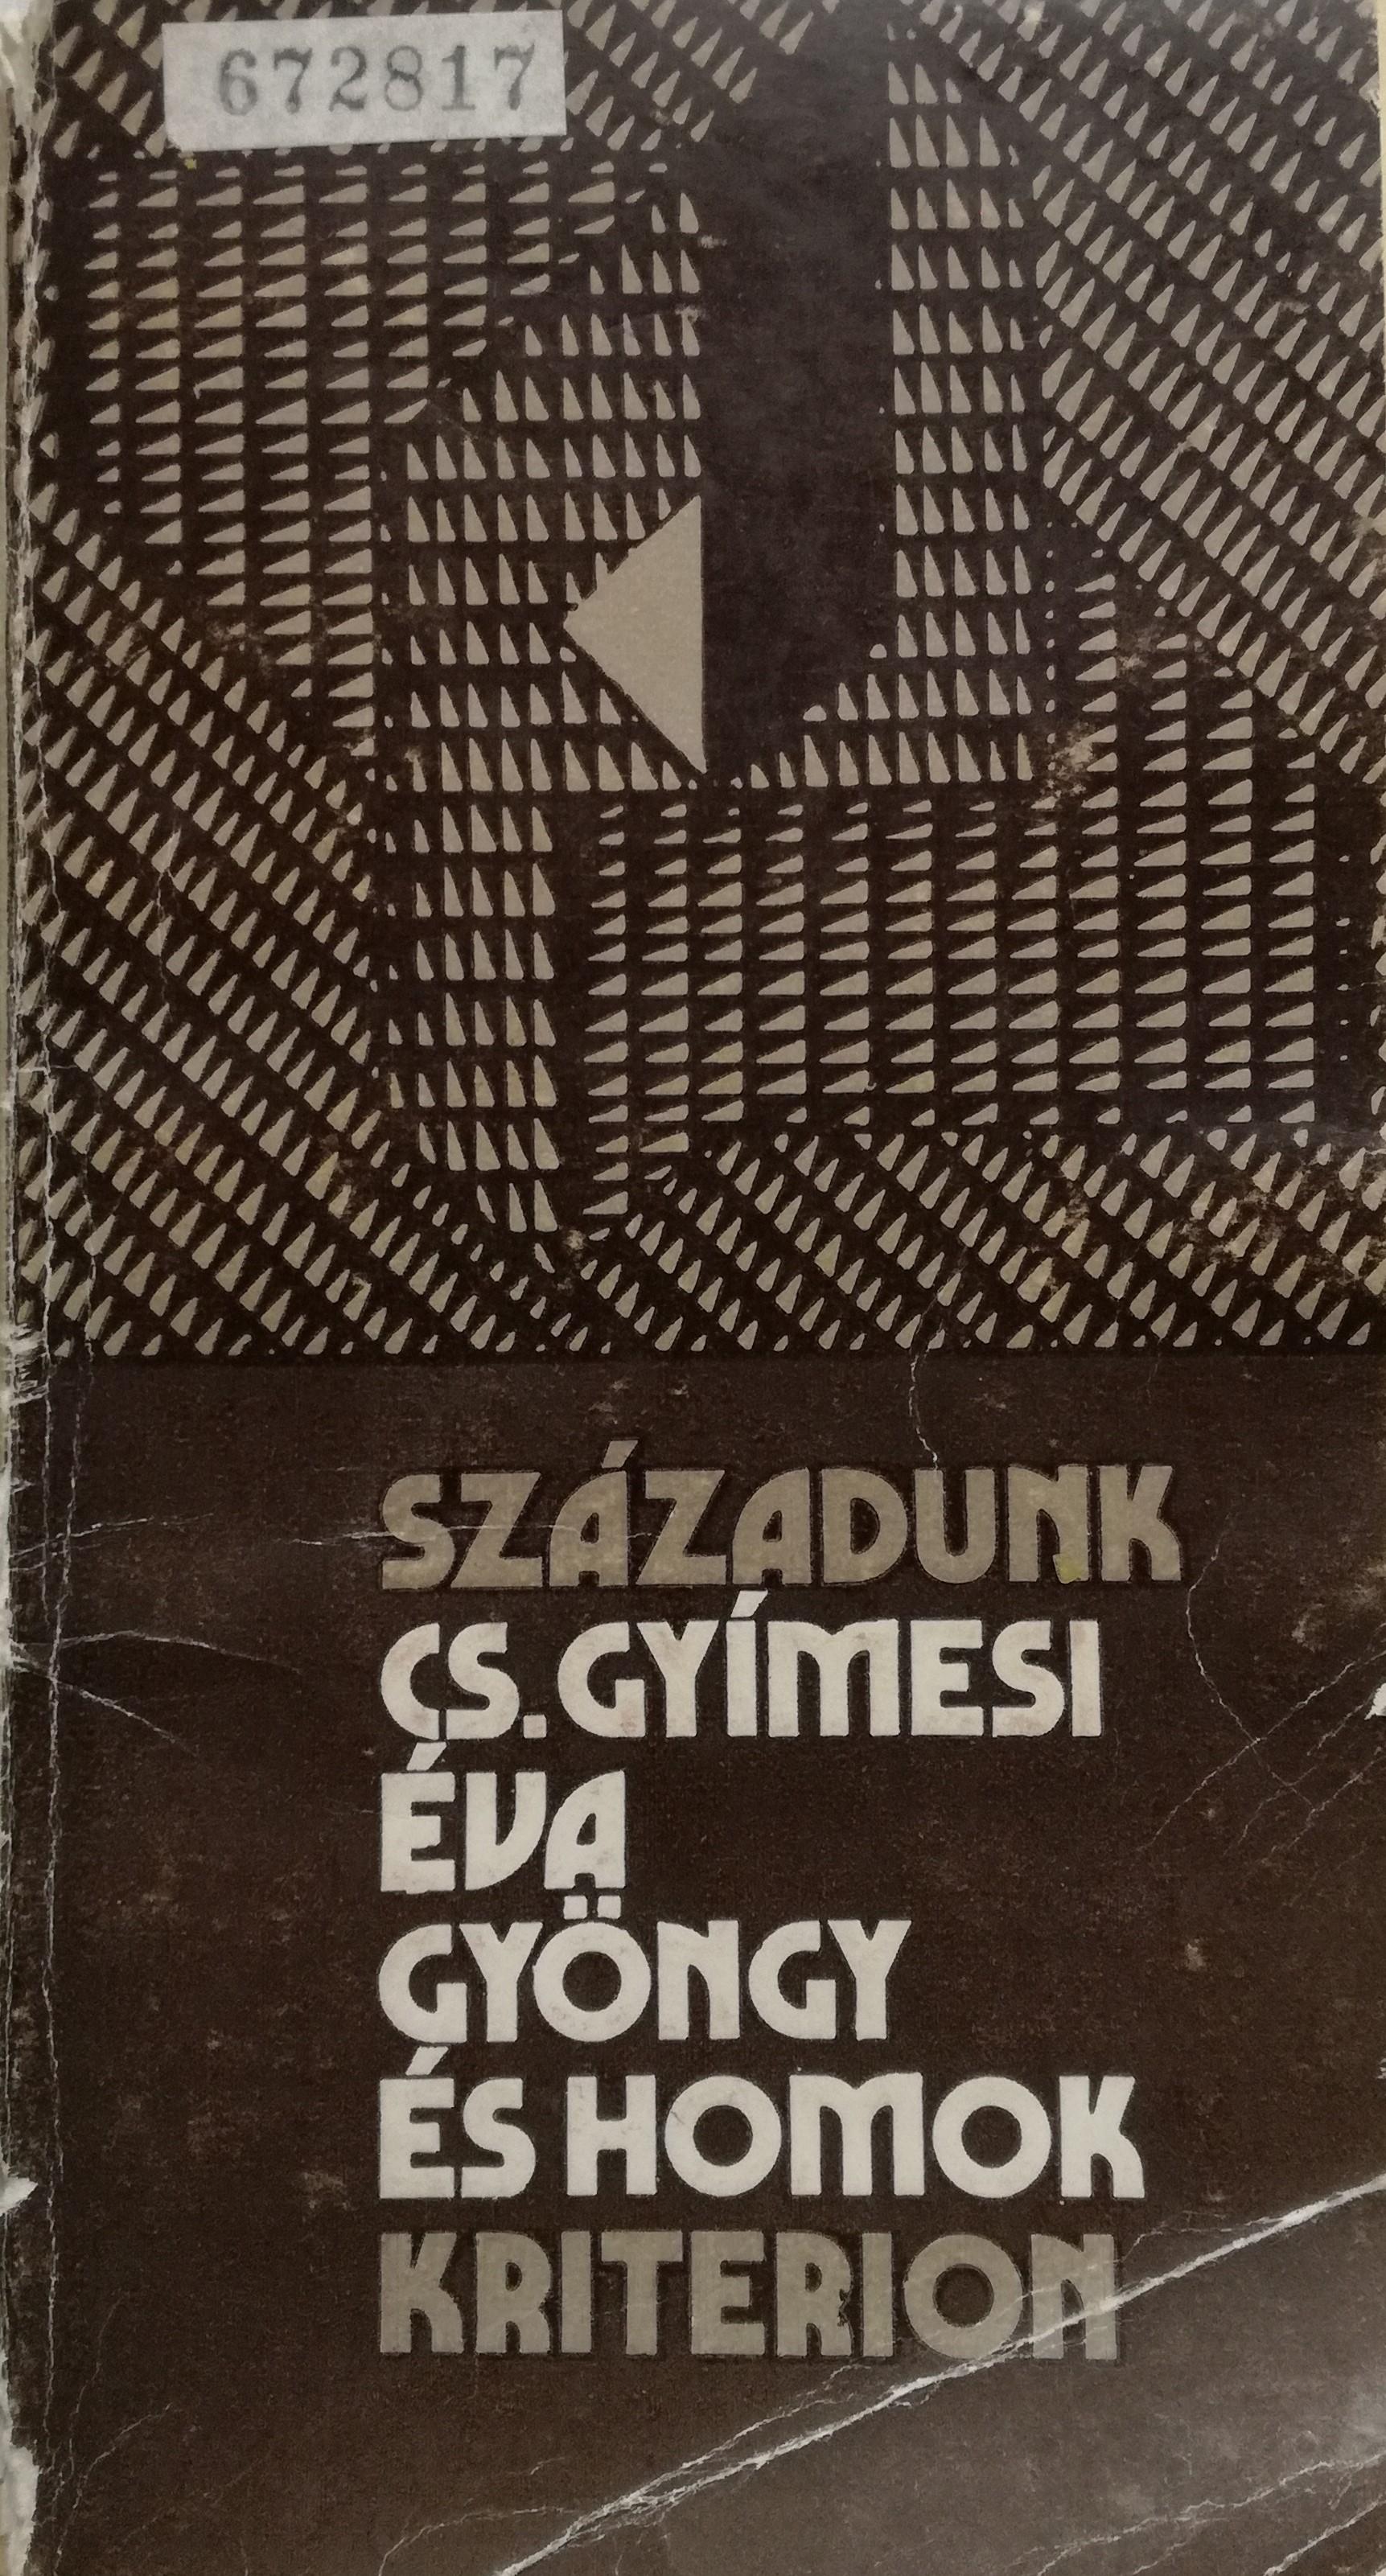 Coperta cărții Éva Cseke-Gyimesi, Gyöngy és homok: Ideológiai értékjelképek a magyar irodalomban